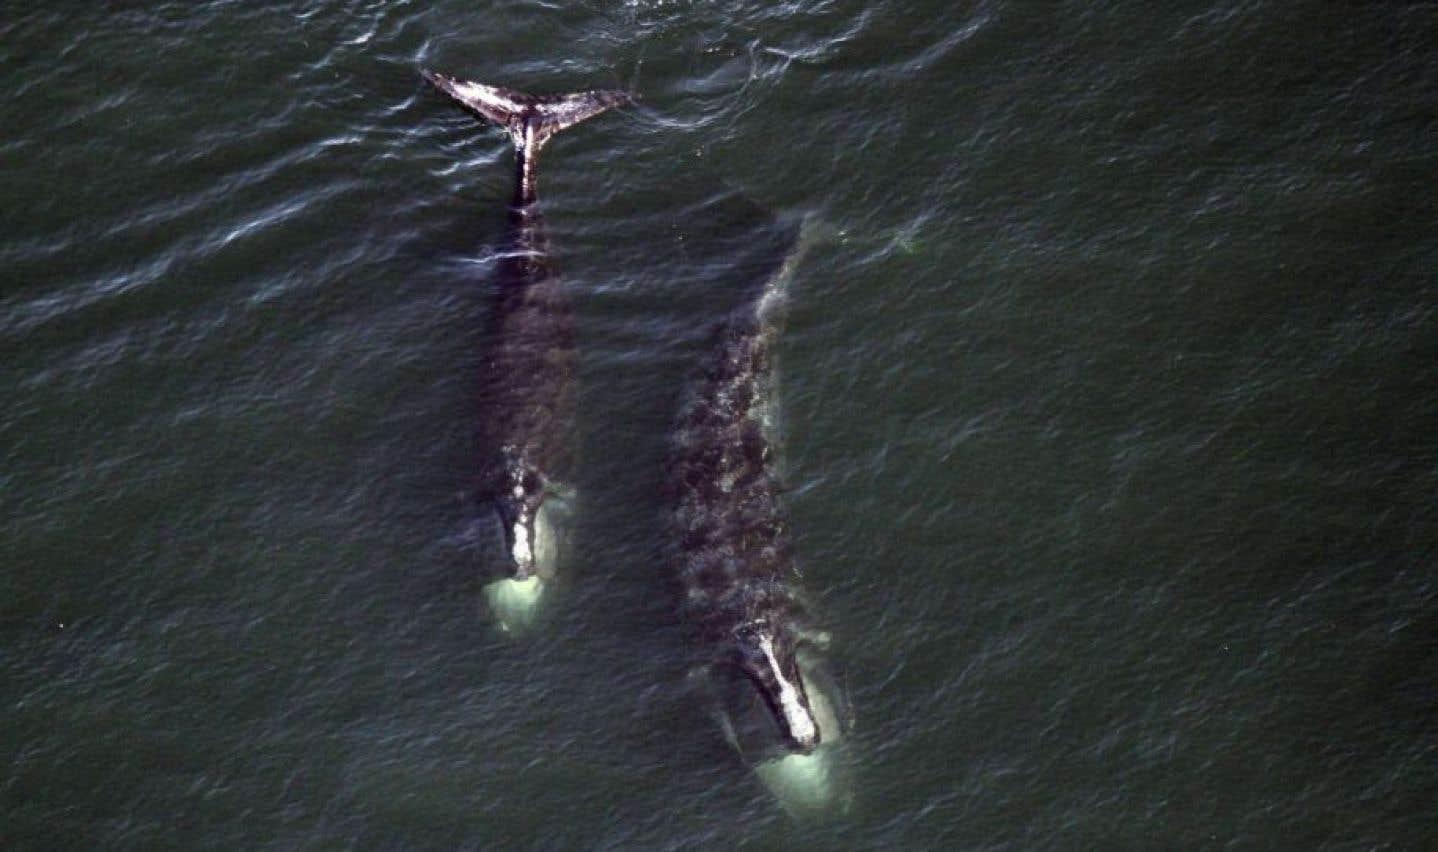 L'Agence américaine d'observation océanique et atmosphérique estime que les baleines noires de l'Atlantique Nord connaissent actuellement un taux de reproduction faible et des changements dans la disponibilité de la nourriture.